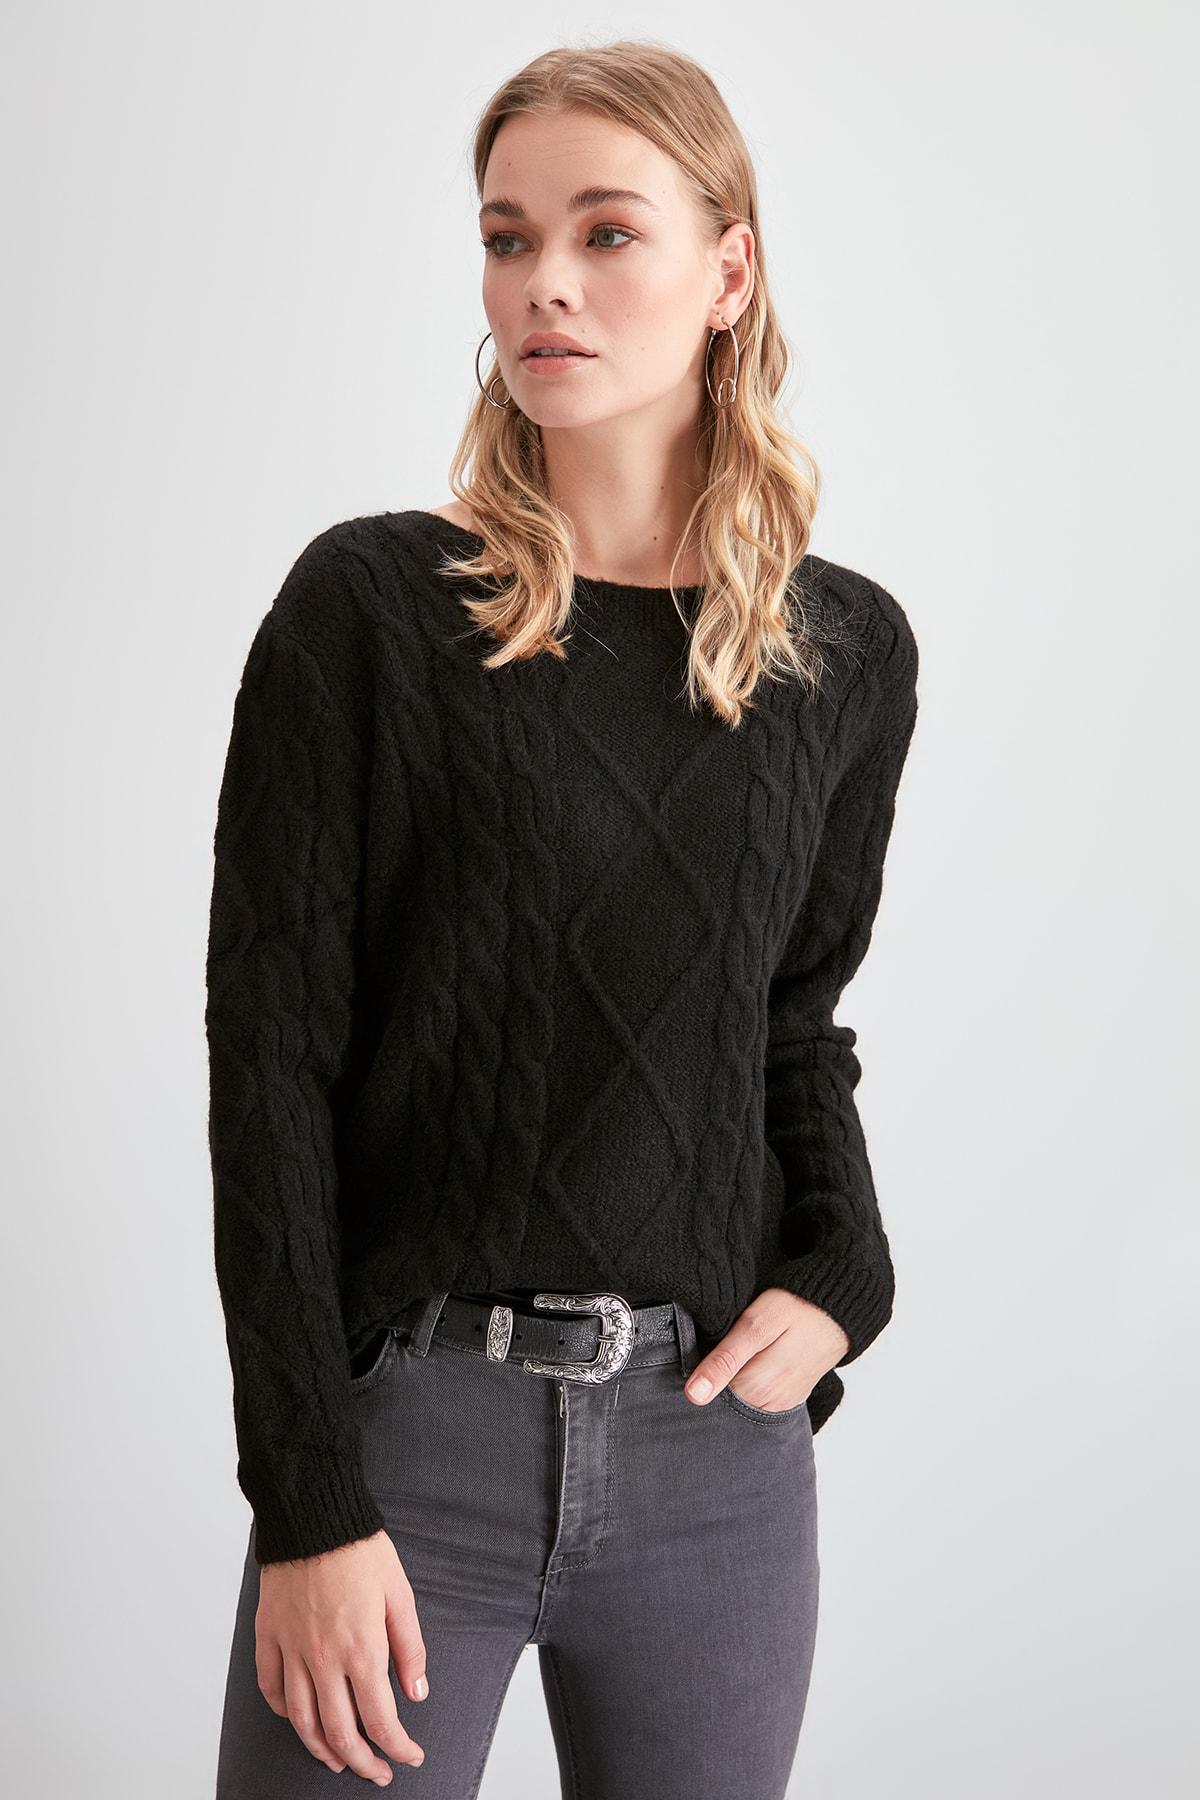 Trendyol Mesh Detailed Knitwear Sweater TWOAW20KZ1071